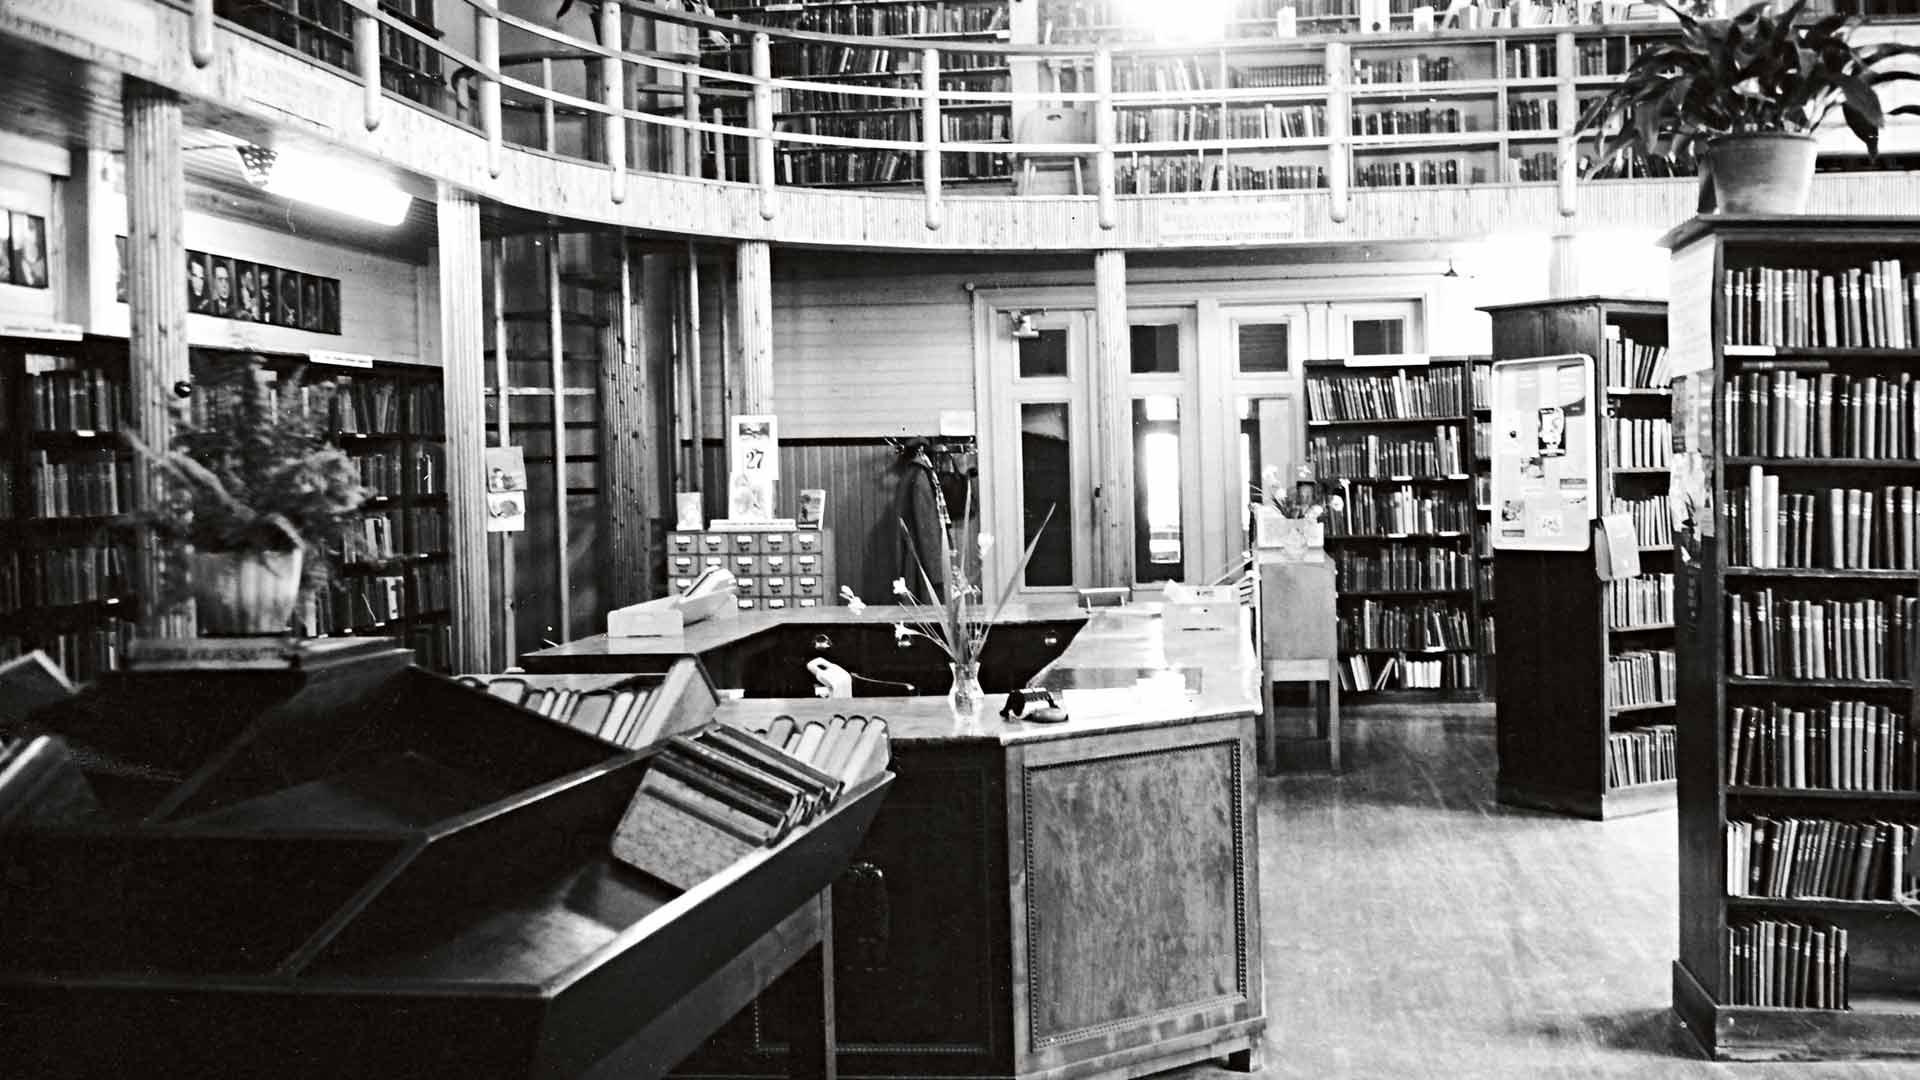 Lahden pääkirjastoa kutsuttiin Puukirjastoksi 1950-luvulla, koska se oli puurakennuksessa.